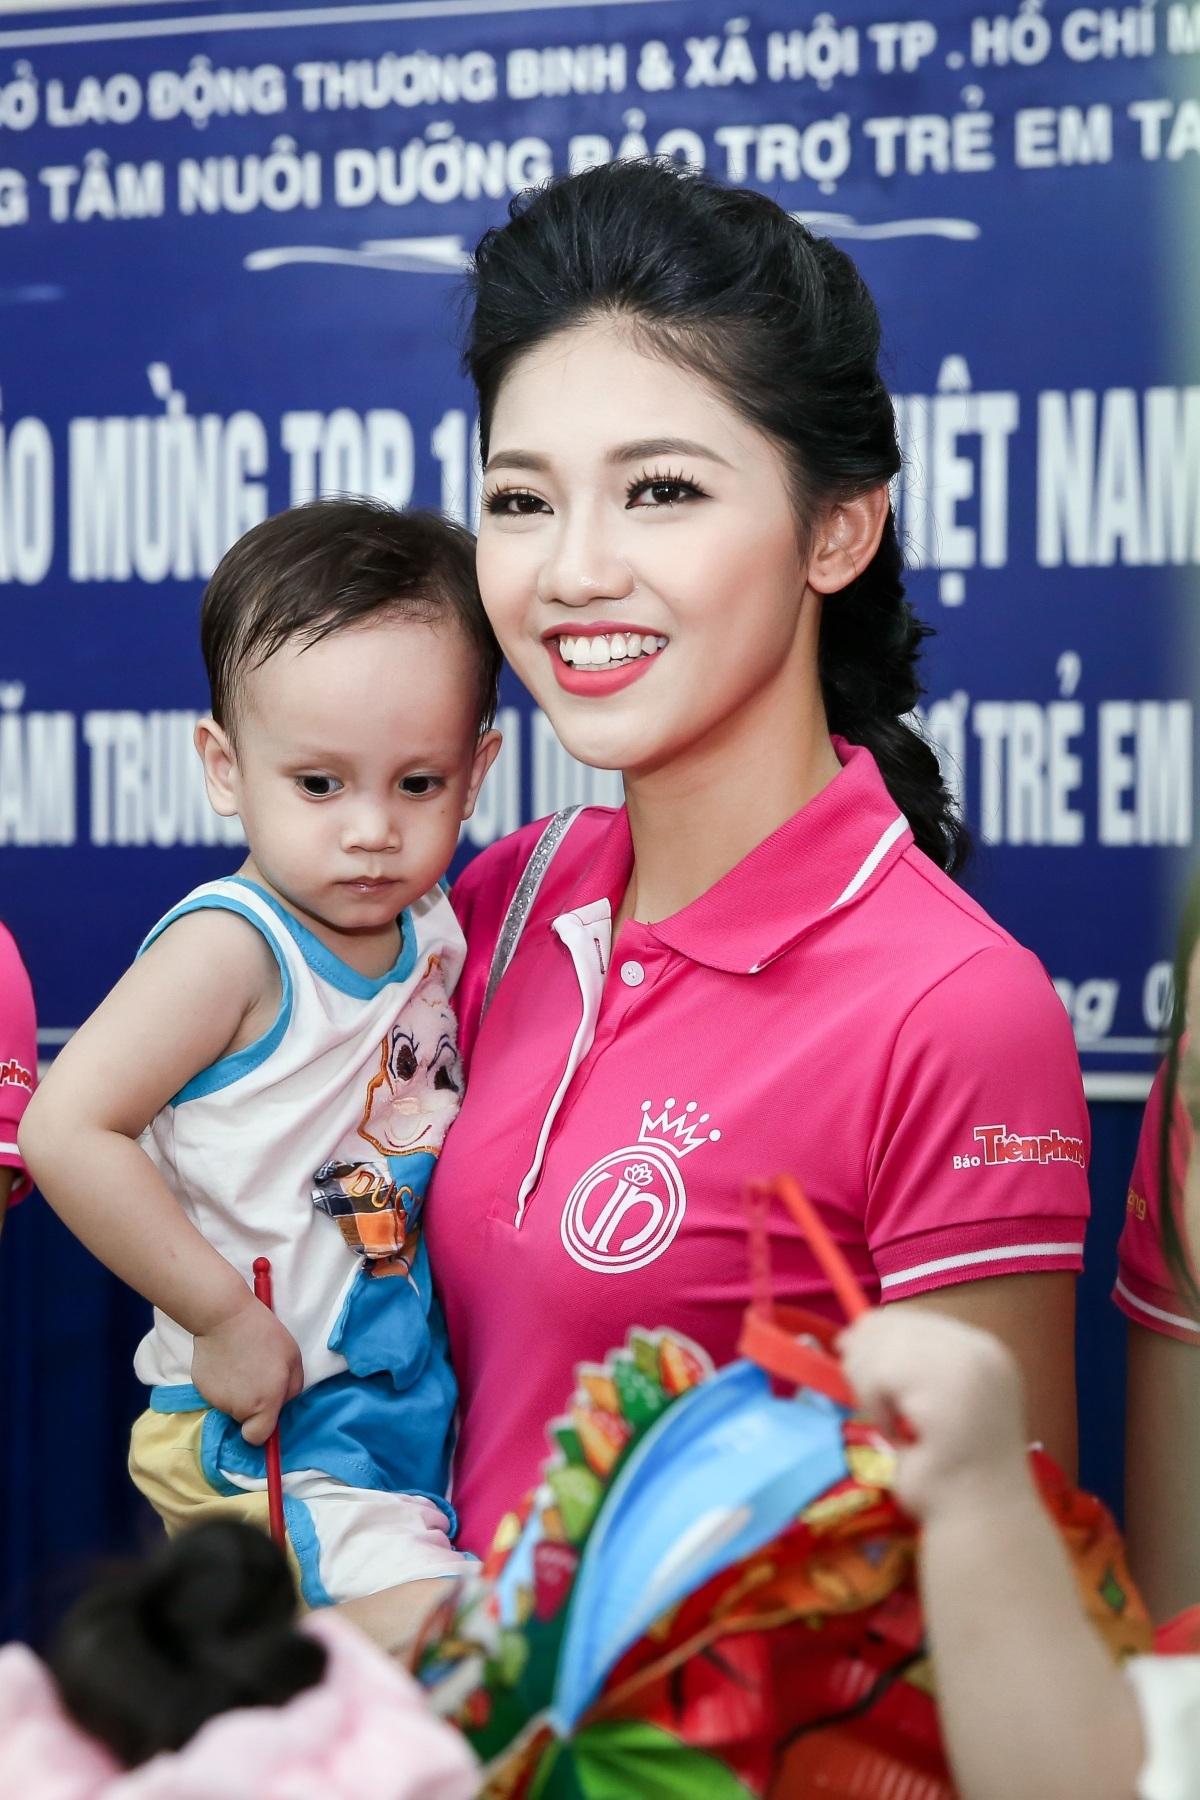 Hoa hậu Mỹ Linh rơi nước mắt khi đón trung thu sớm cùng trẻ mồ côi - 7